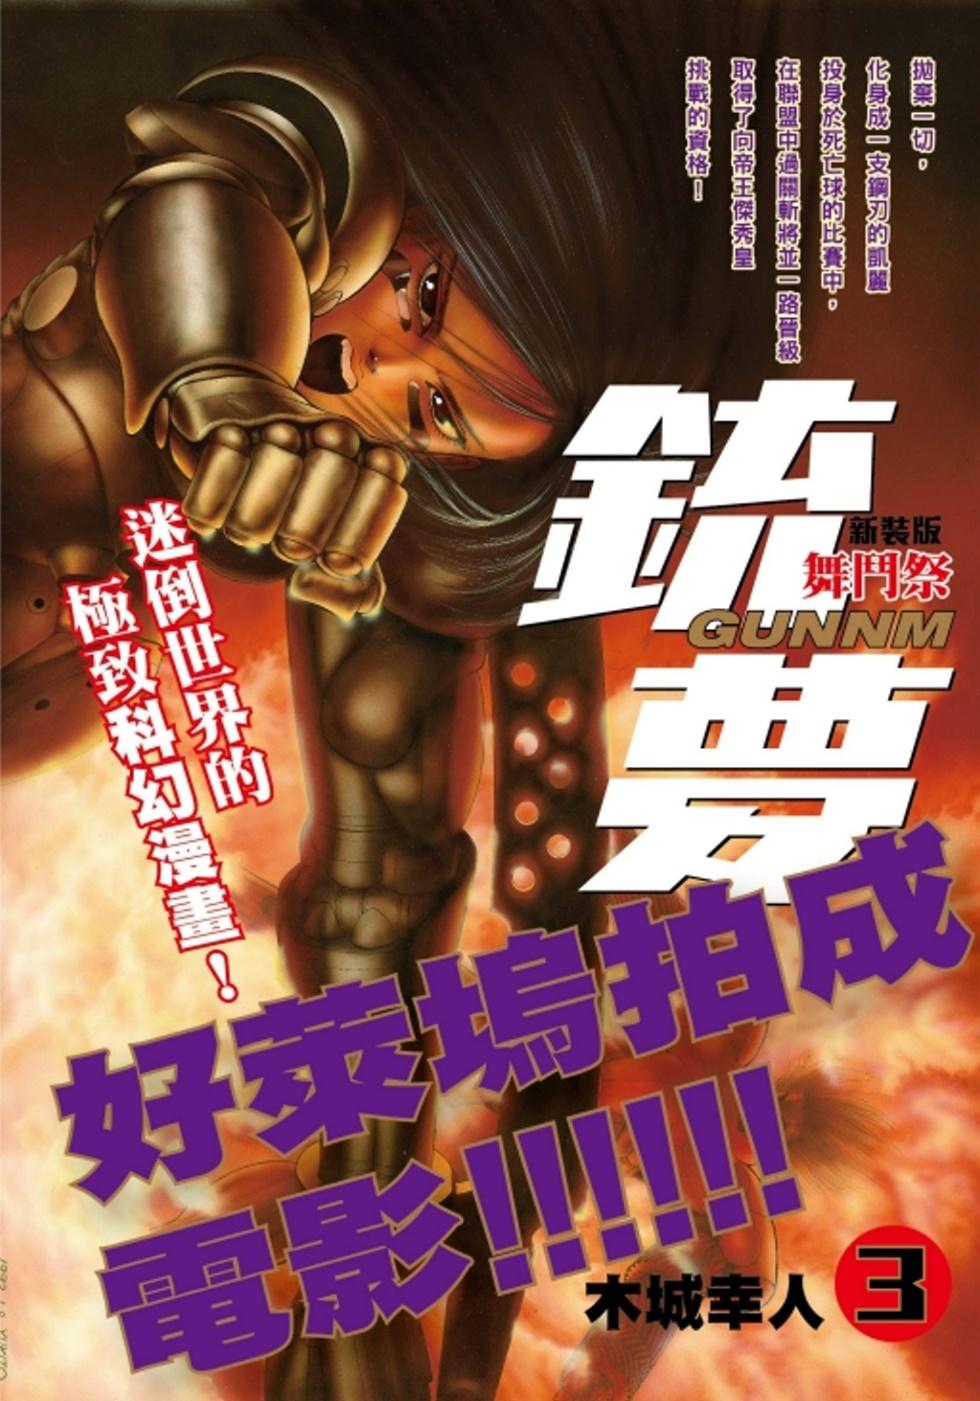 銃夢 新裝版 3 武鬥祭